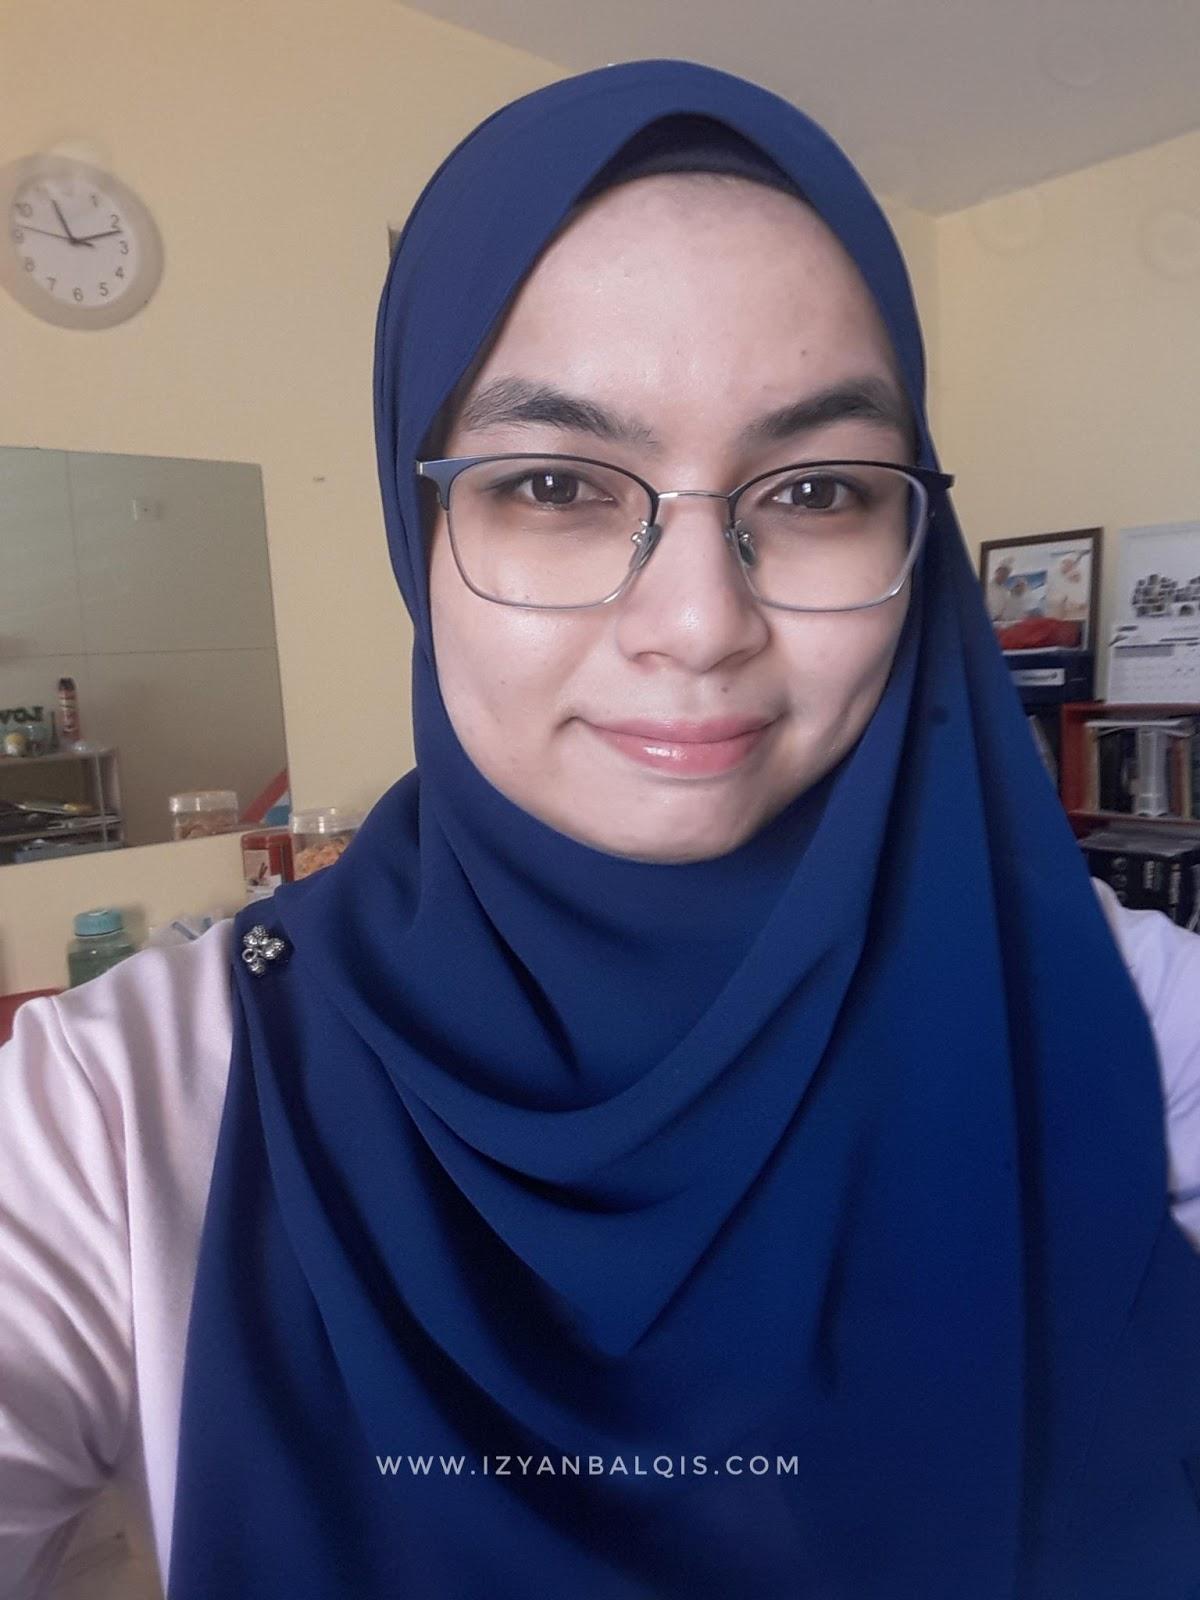 Pengalaman Cabut Gigi Bongsu di Hospital Kuala Lumpur